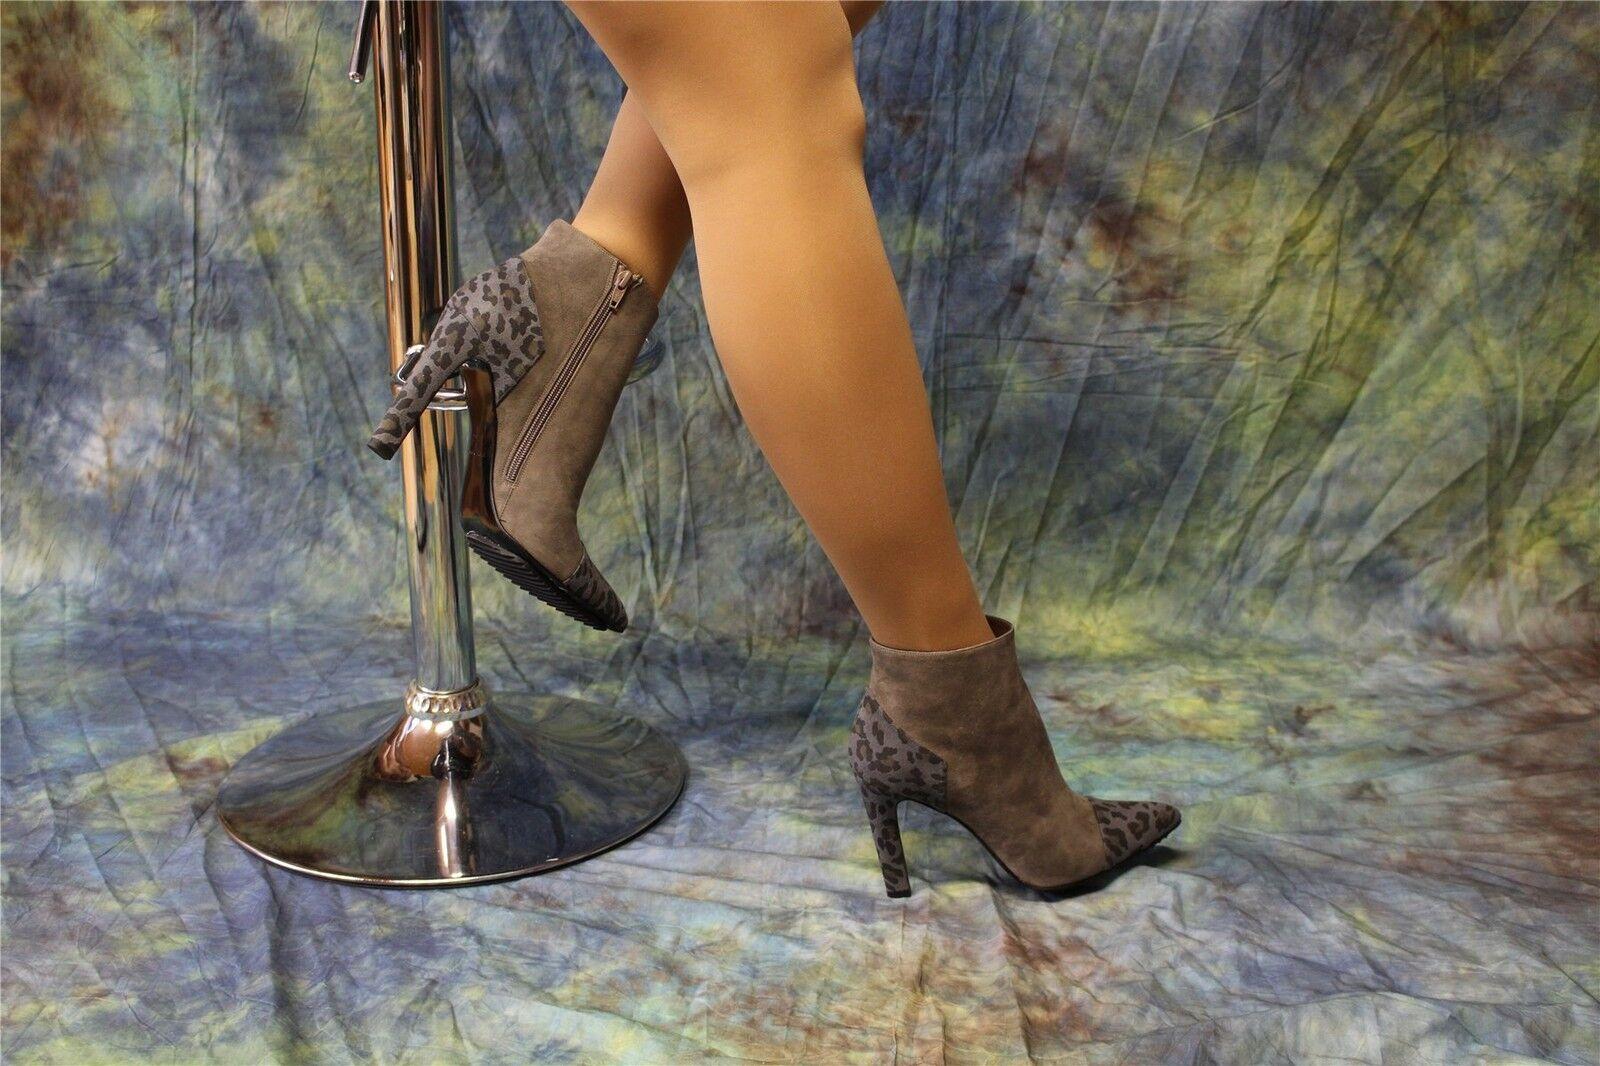 Wildleder-Stiefeletten High Heels taupe mit Animal-Print Animal-Print Animal-Print  | Outlet Online  c3a00e